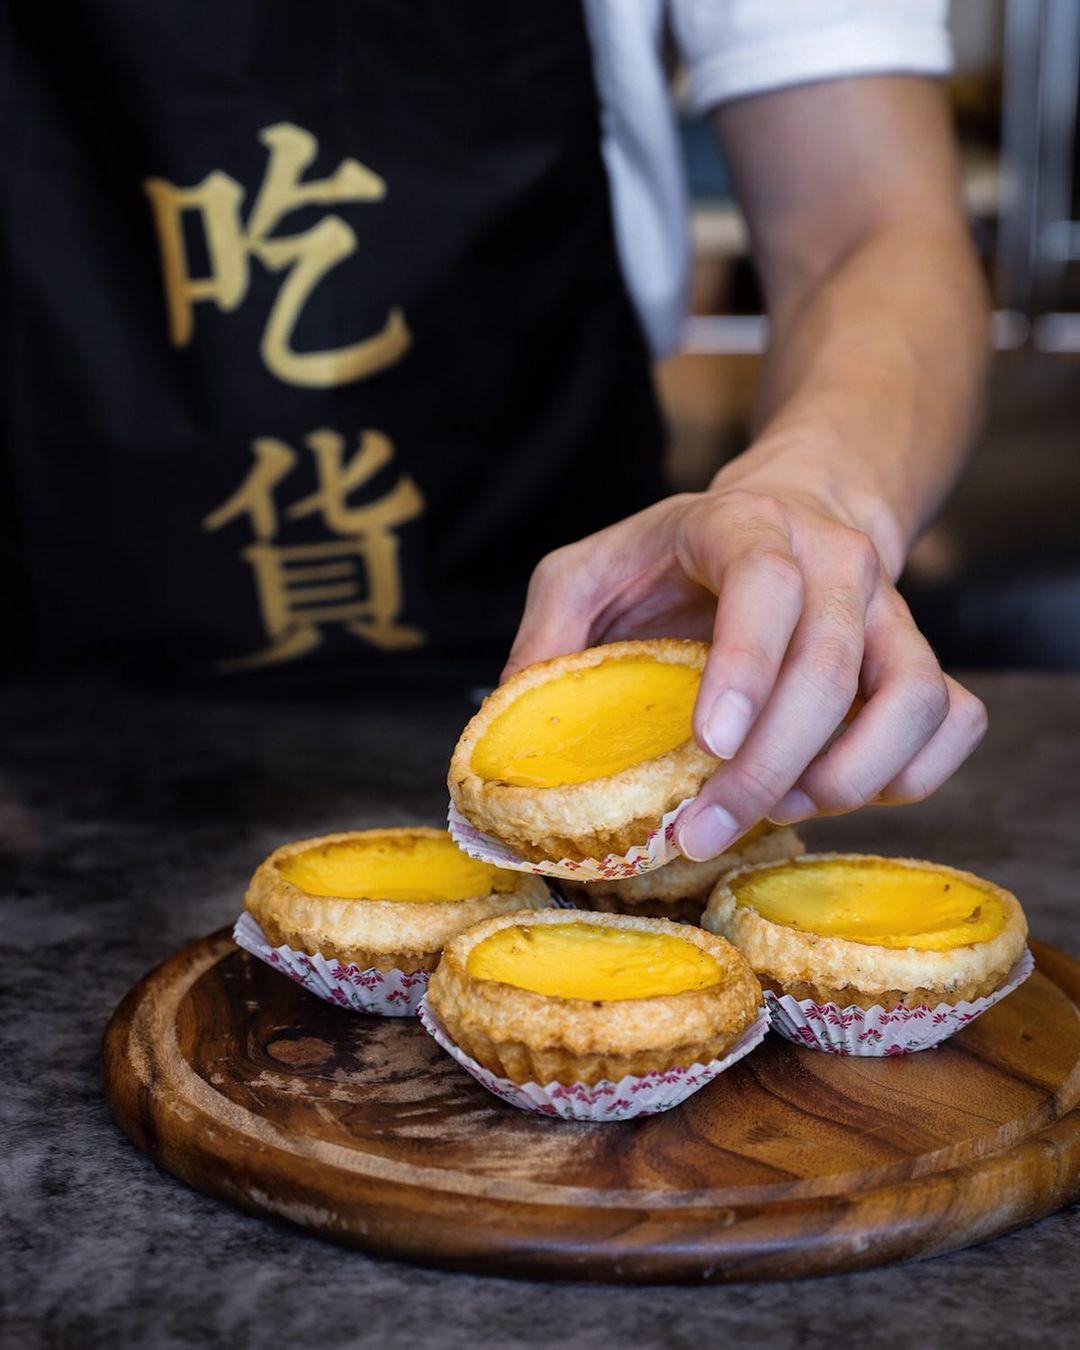 leung sang hong kong pastries traditional bakeries singapore